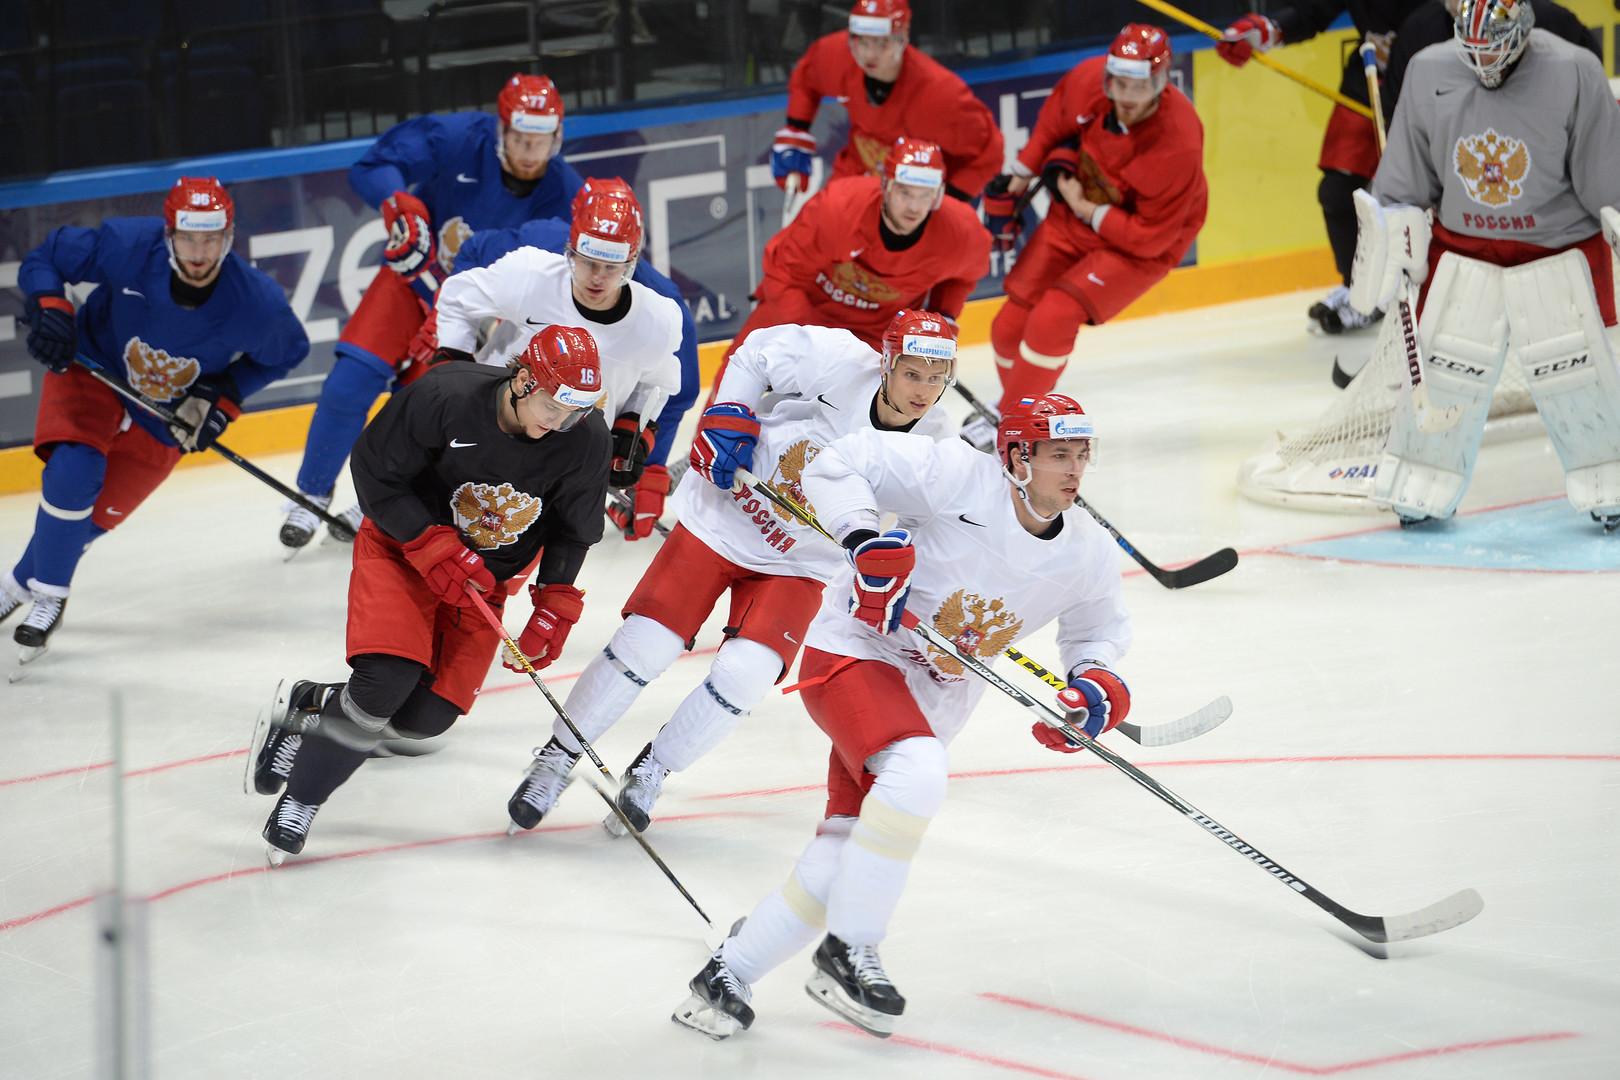 За проигрыш в Сибирь не ссылали: немецкие СМИ развеяли мифы о российском хоккее